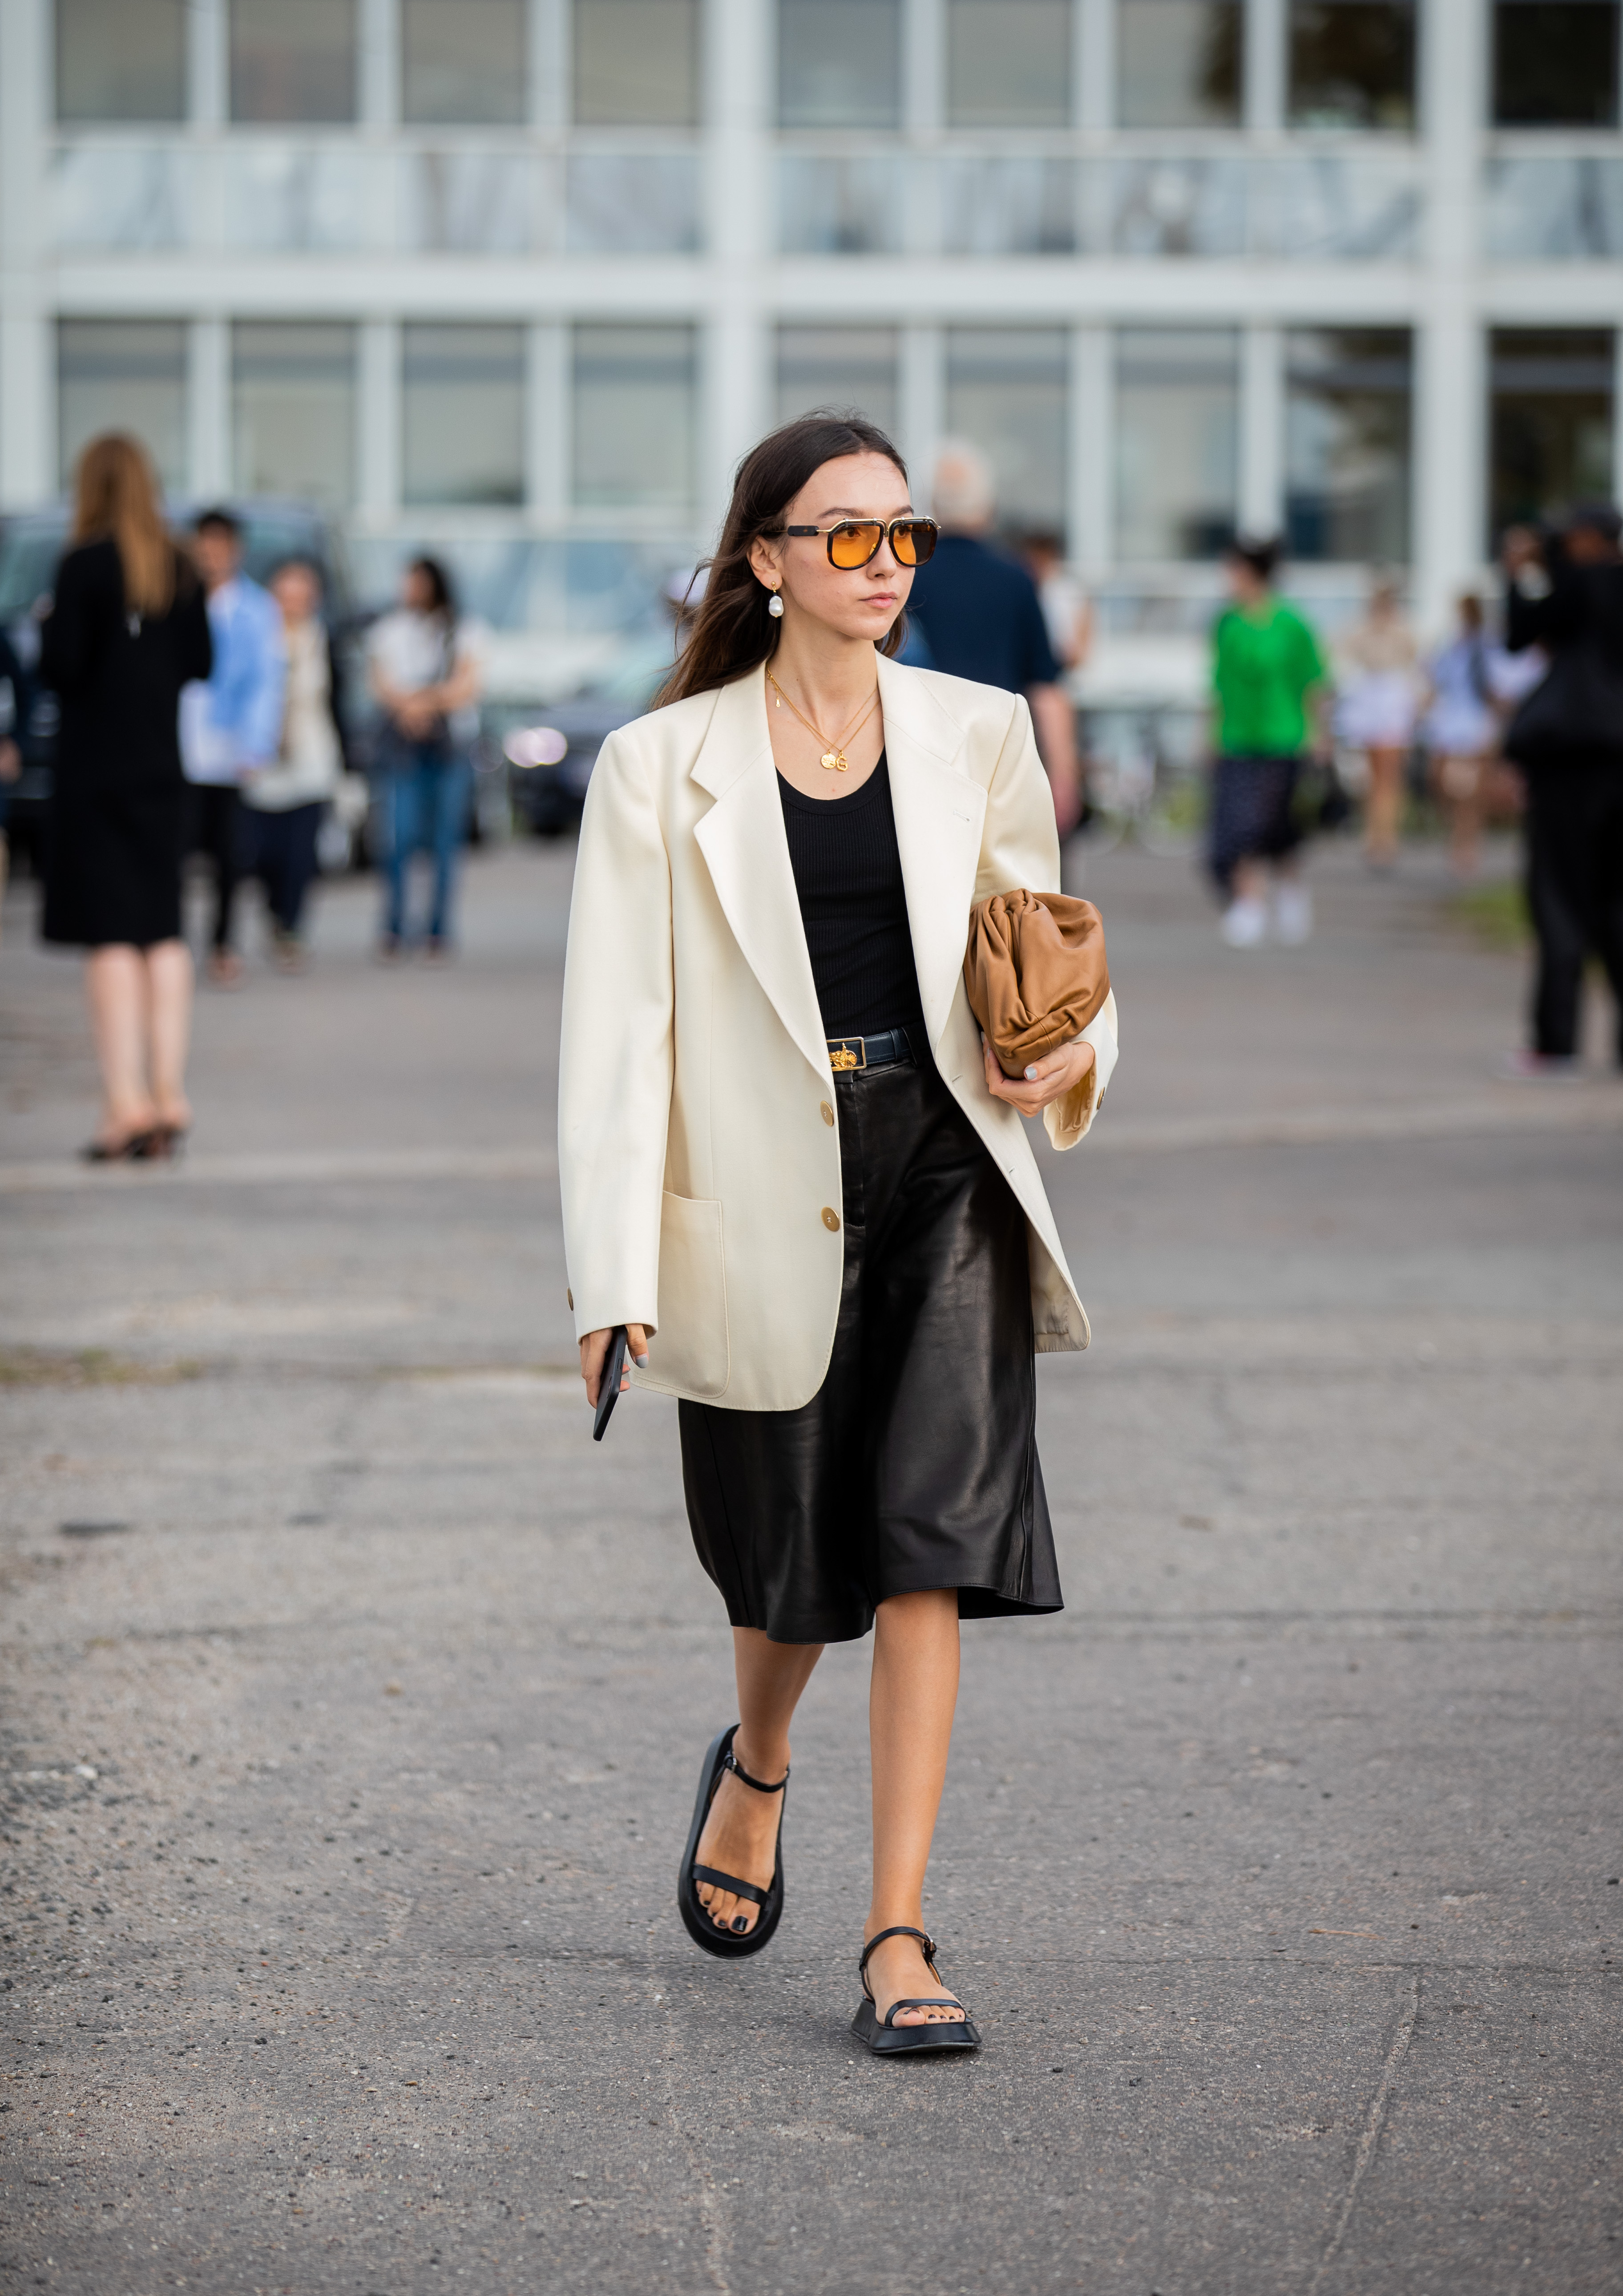 レザー調のミディ丈スカートはモード指数高め。ビッグシルエットのジャケットとコーディネイトしたモノトーンルックはクール。足元にはスポーティなサンダルをインして抜け感を演出。